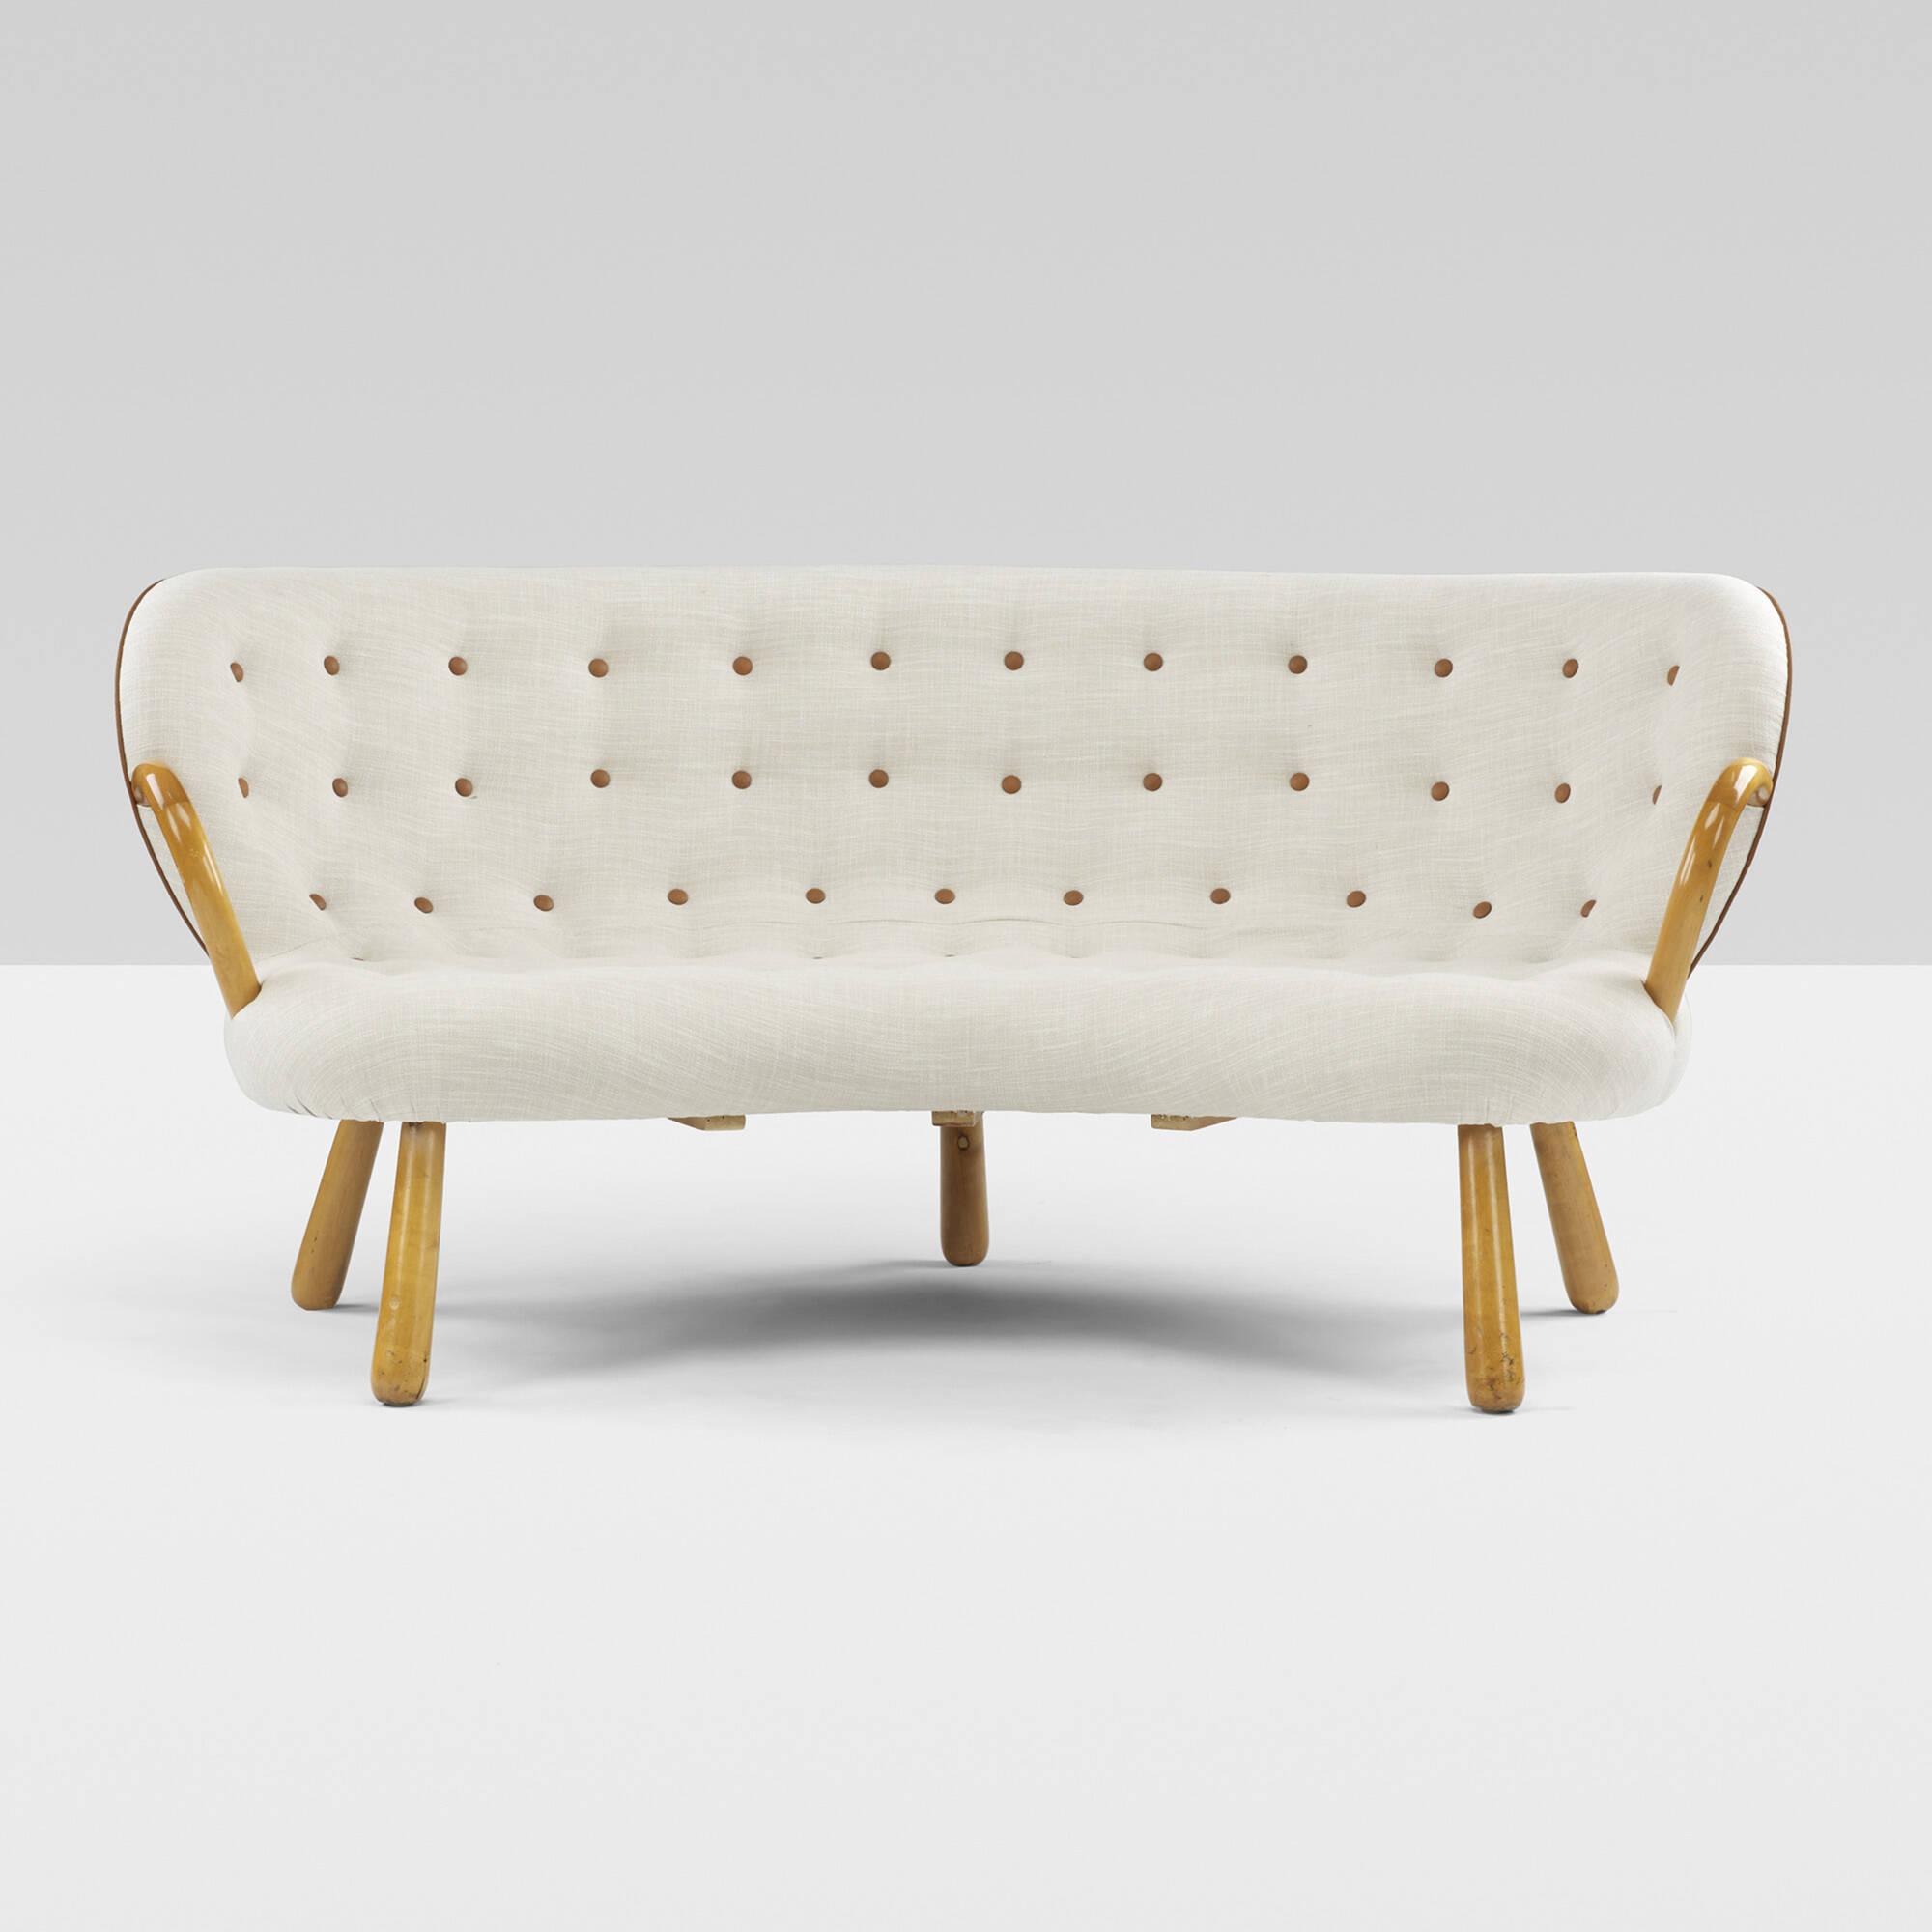 Inspirational Curved sofa Designs